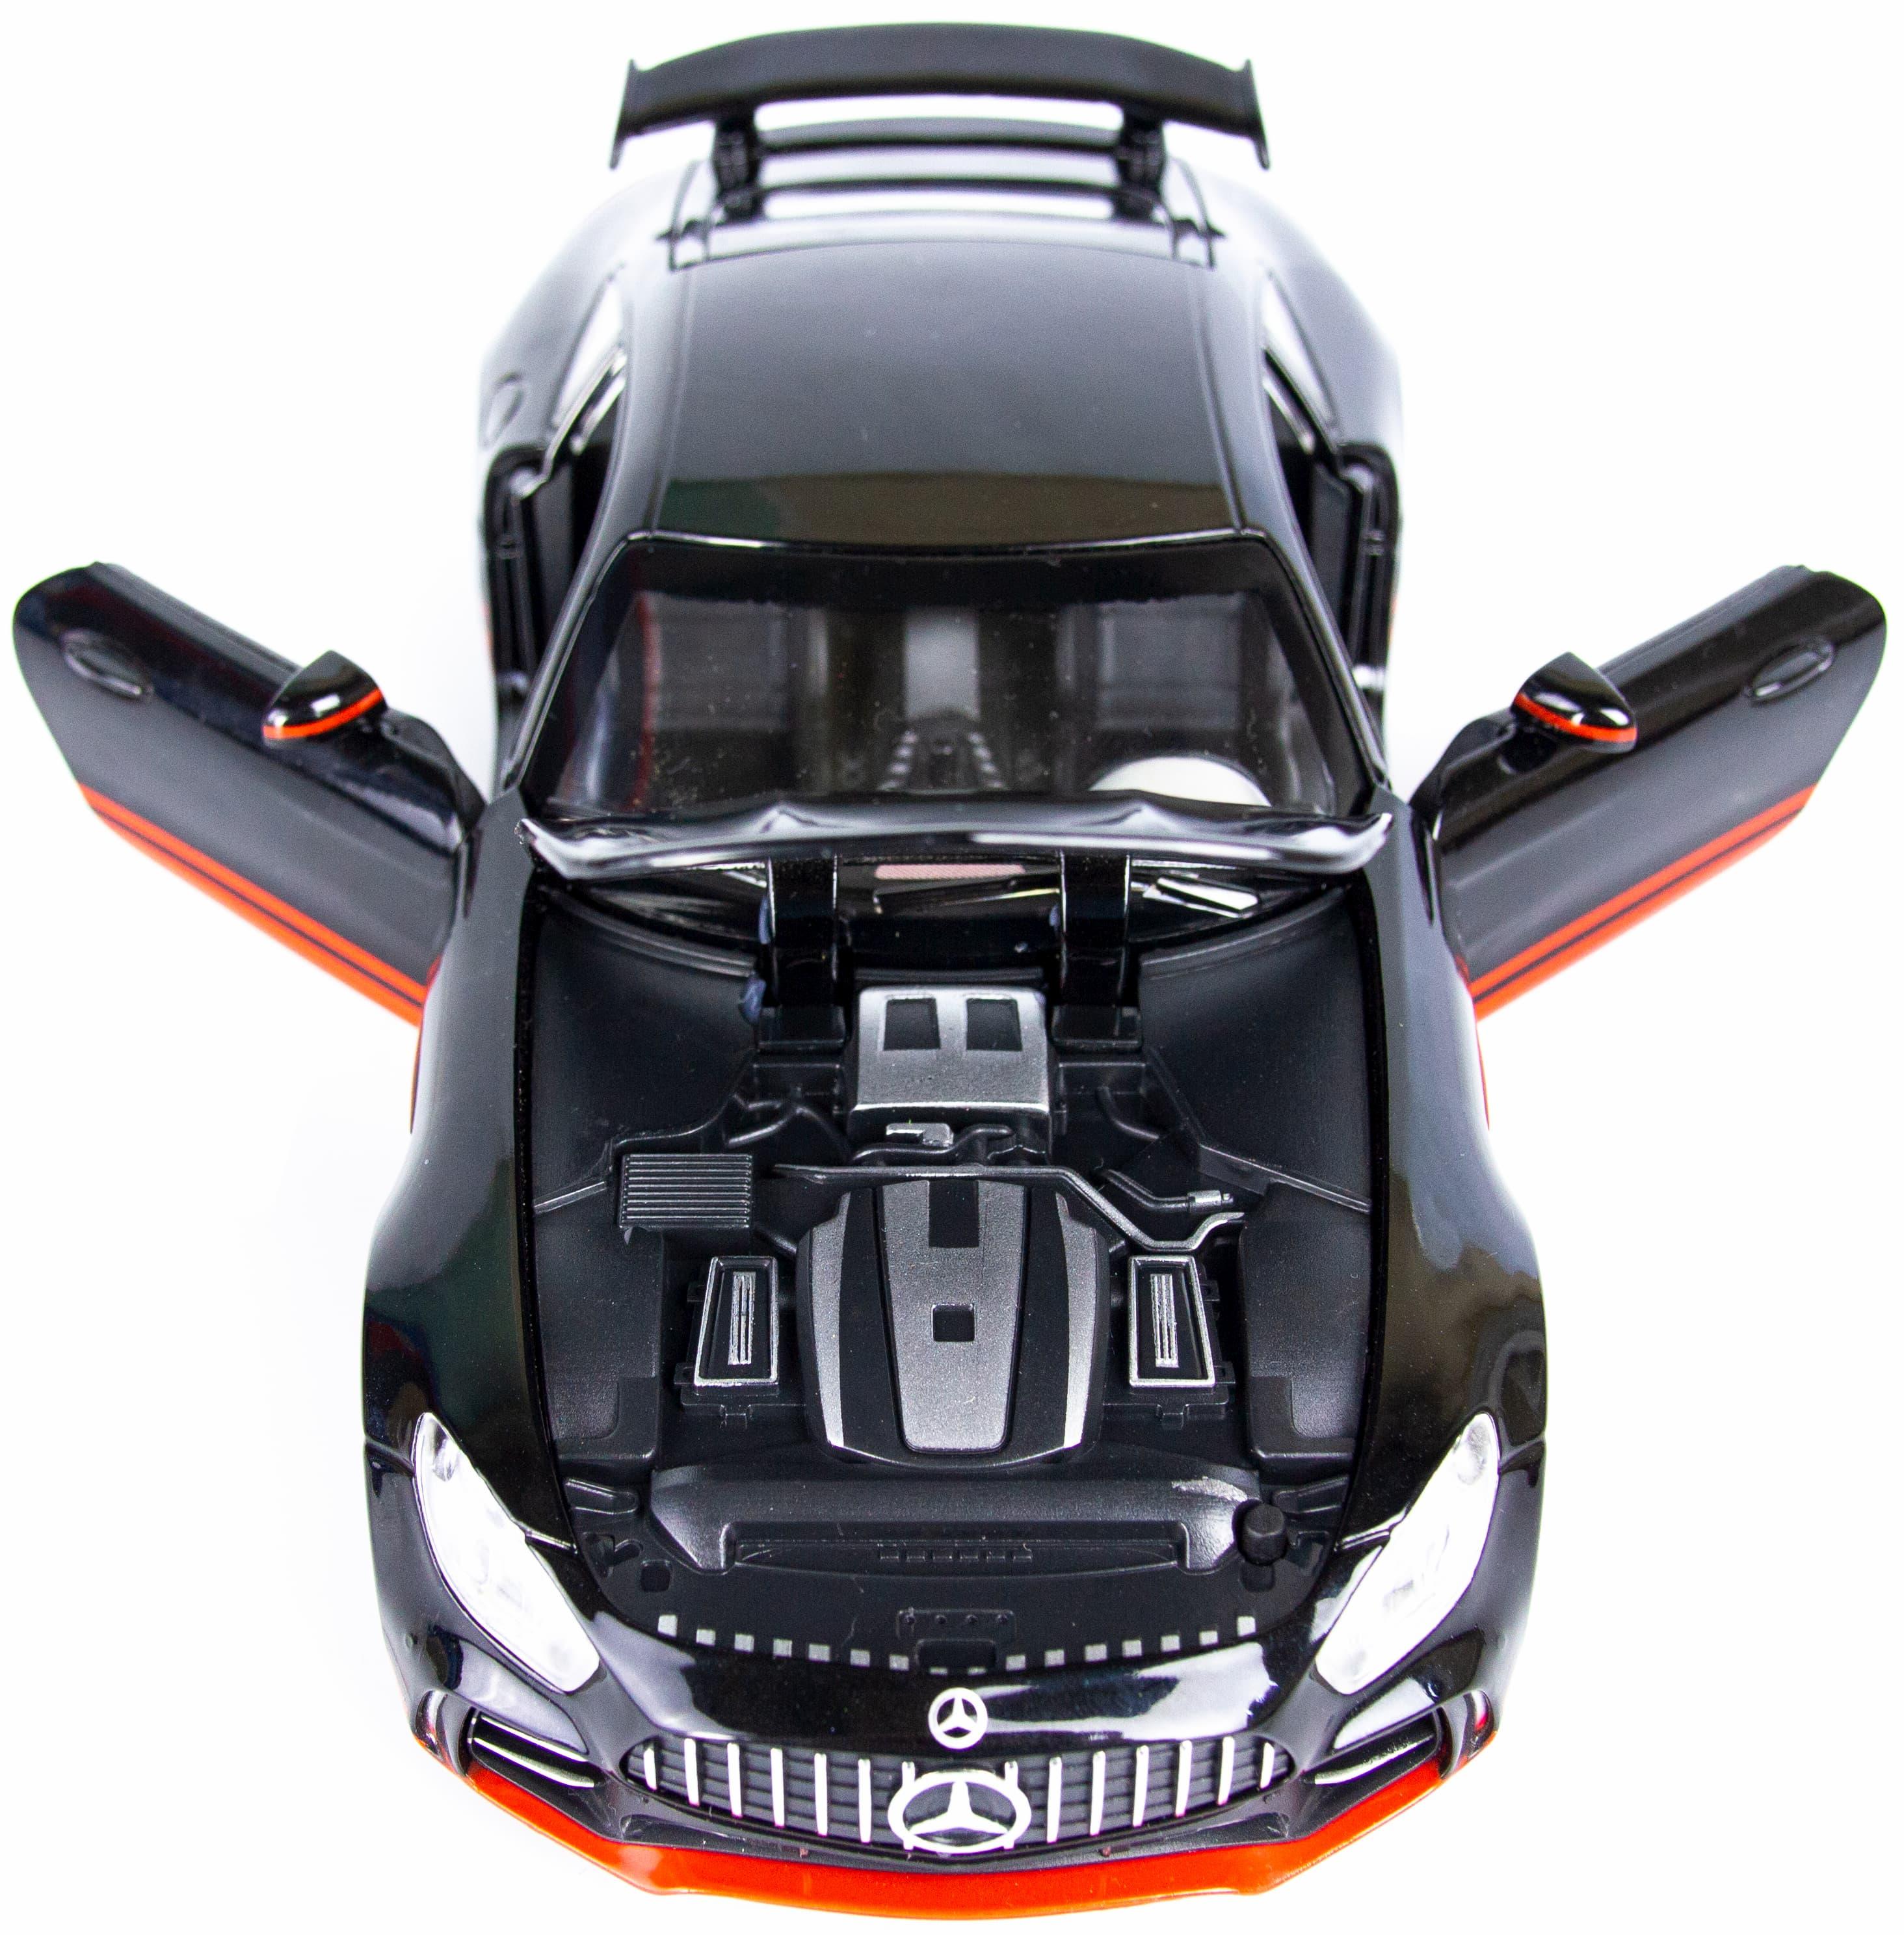 Металлическая машинка Che Zhi 1:24 «Mercedes AMG GT» 121A, 20 см. инерционная, свет, звук